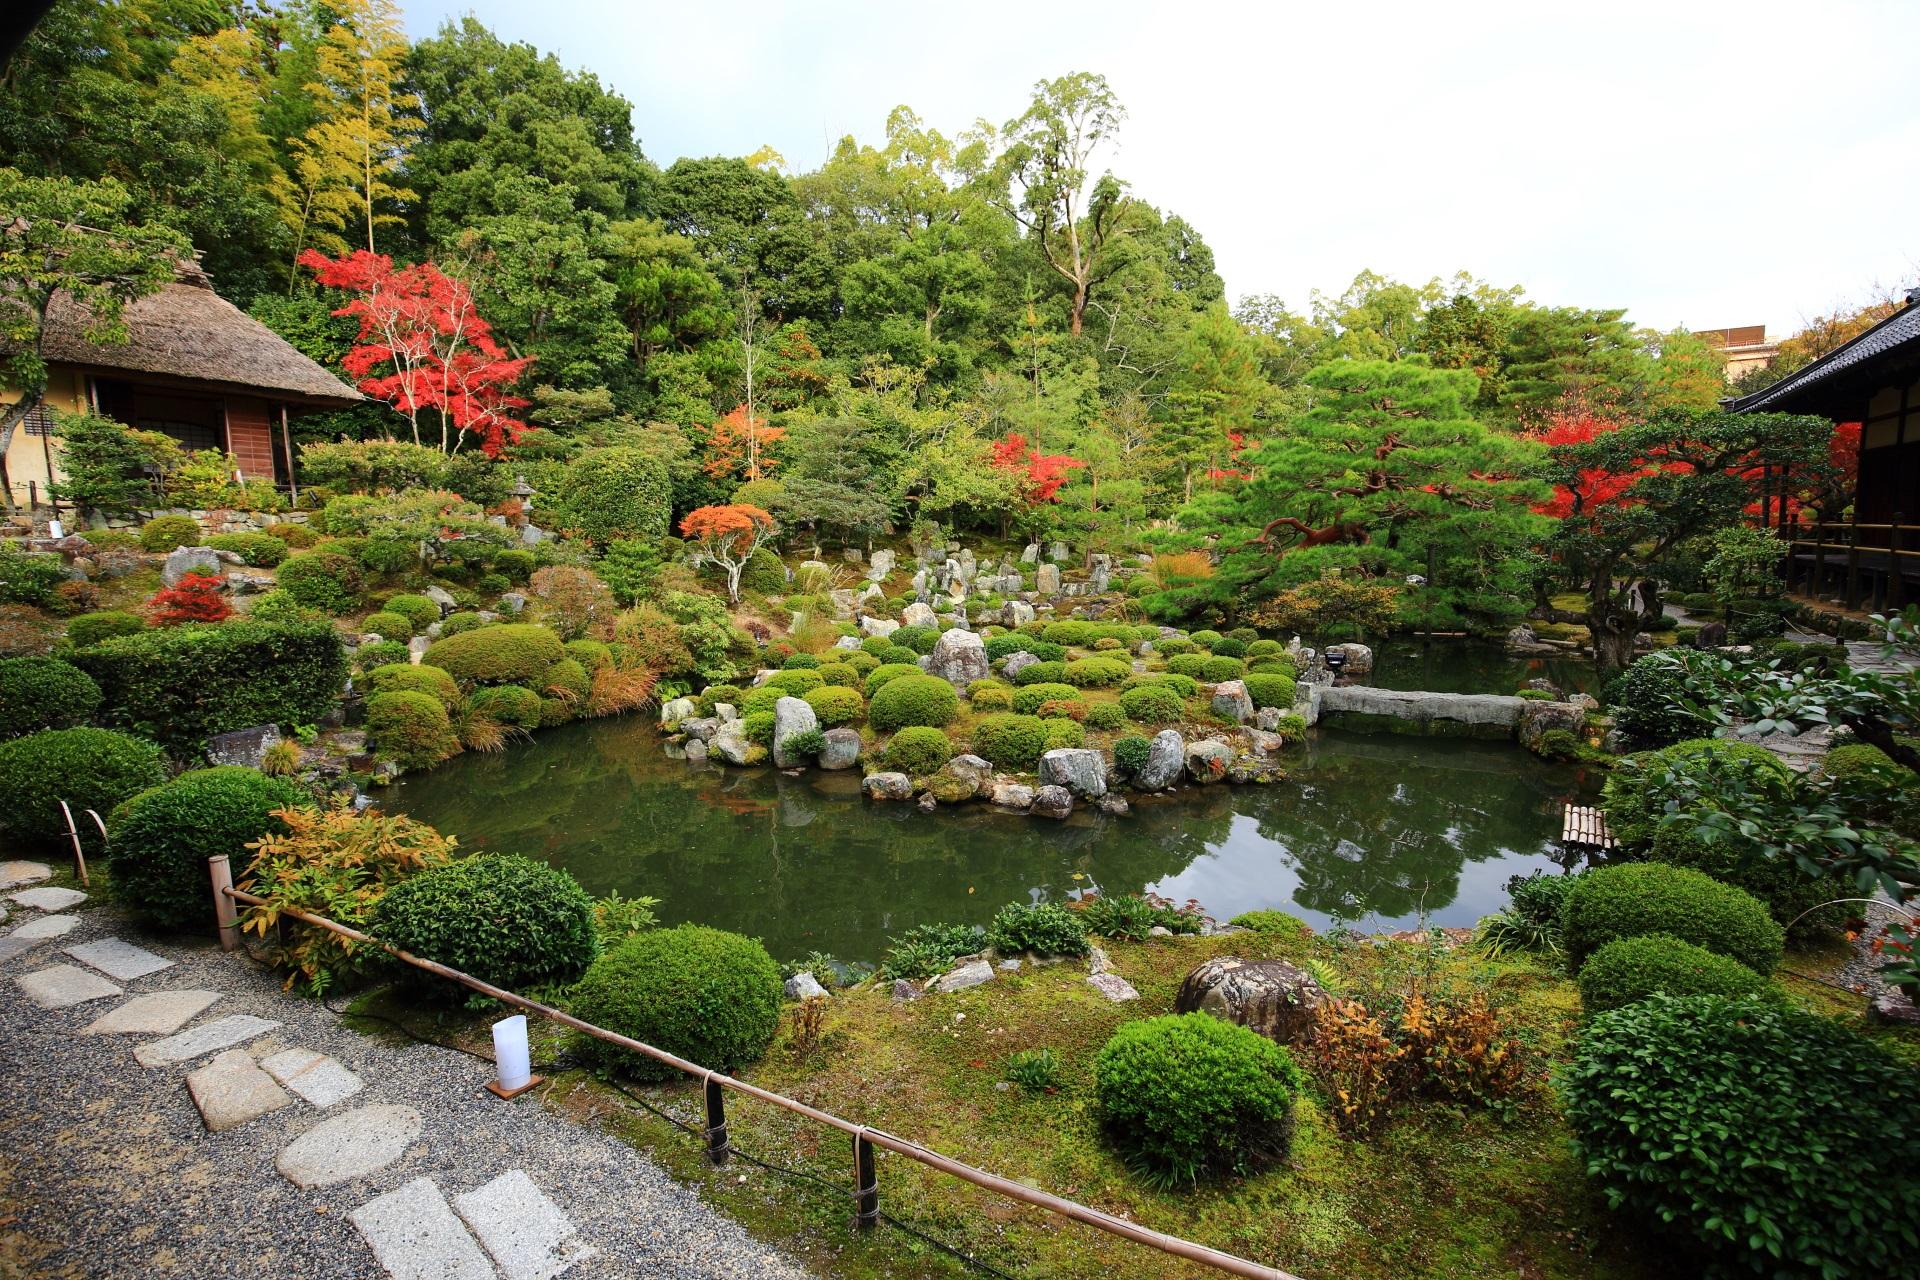 等持院の芙蓉池の緑に映える赤い紅葉